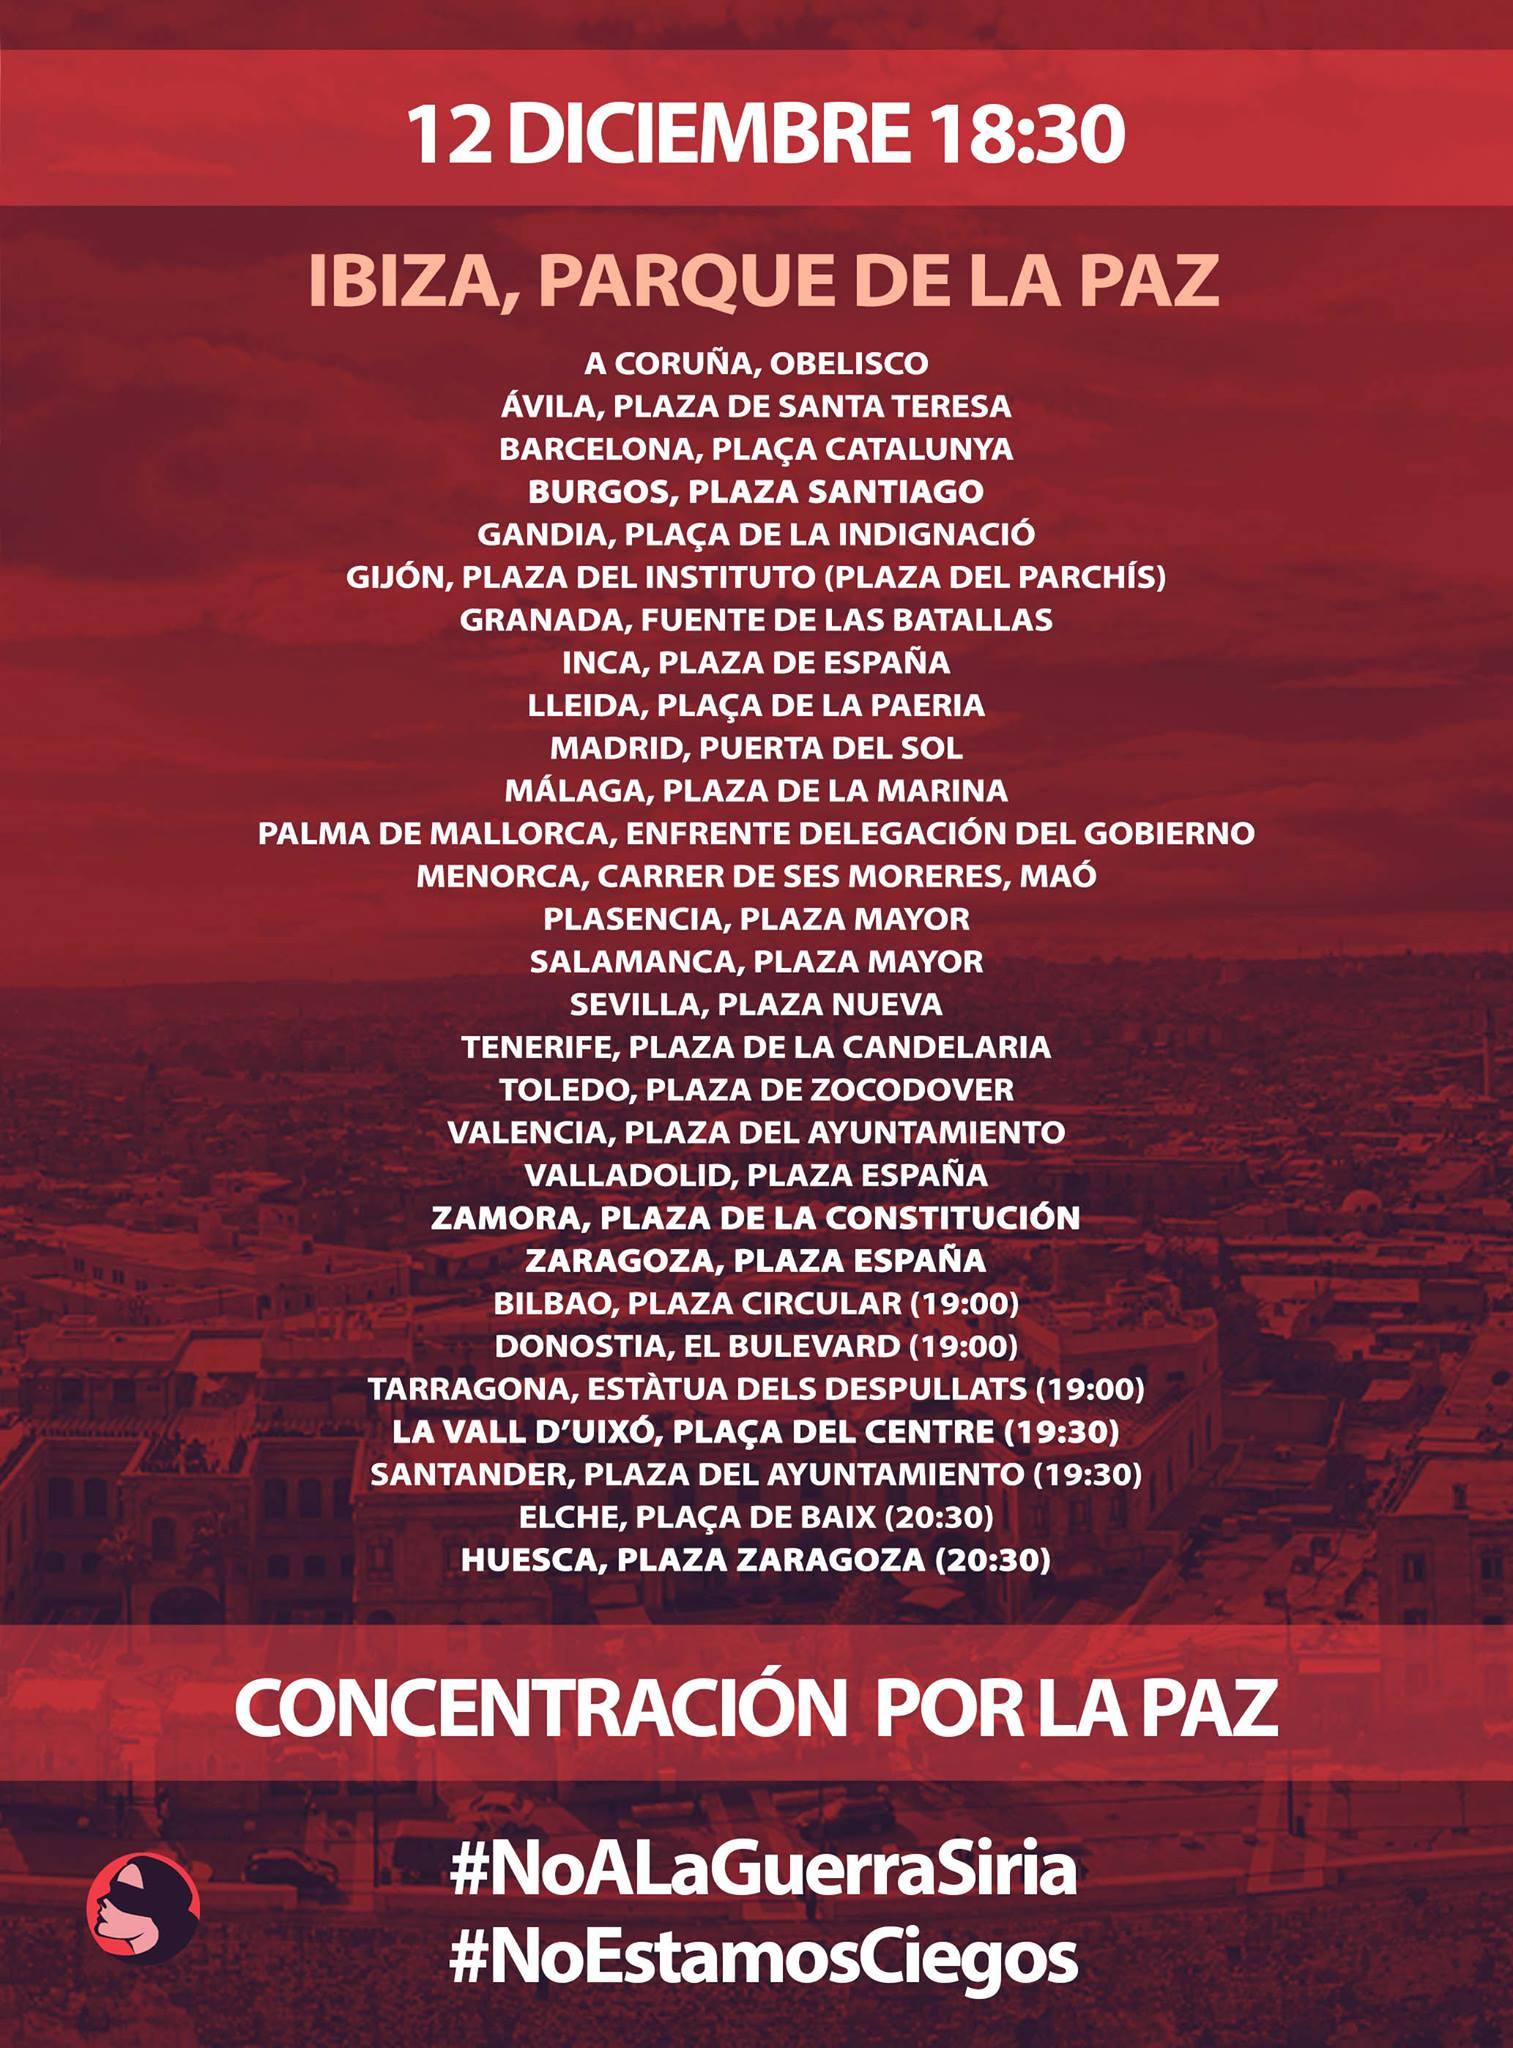 ADHESIONES 12-D IBIZA (Comunicado)